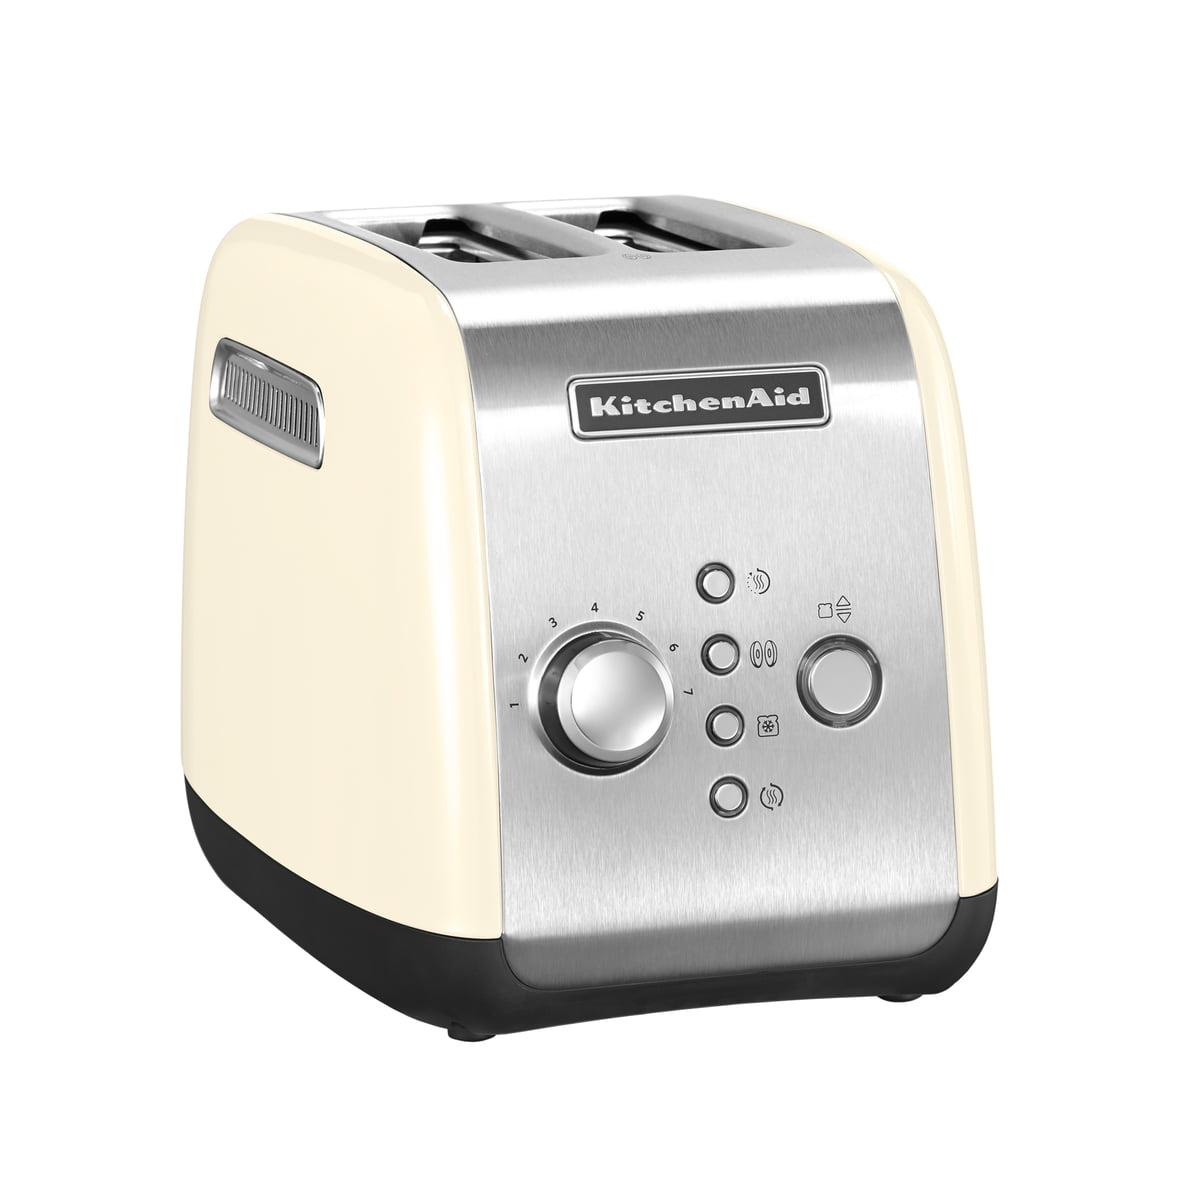 KitchenAid - Toaster KMT221, 2 Scheiben, créme | Küche und Esszimmer > Küchengeräte > Toaster | Kitchen Aid